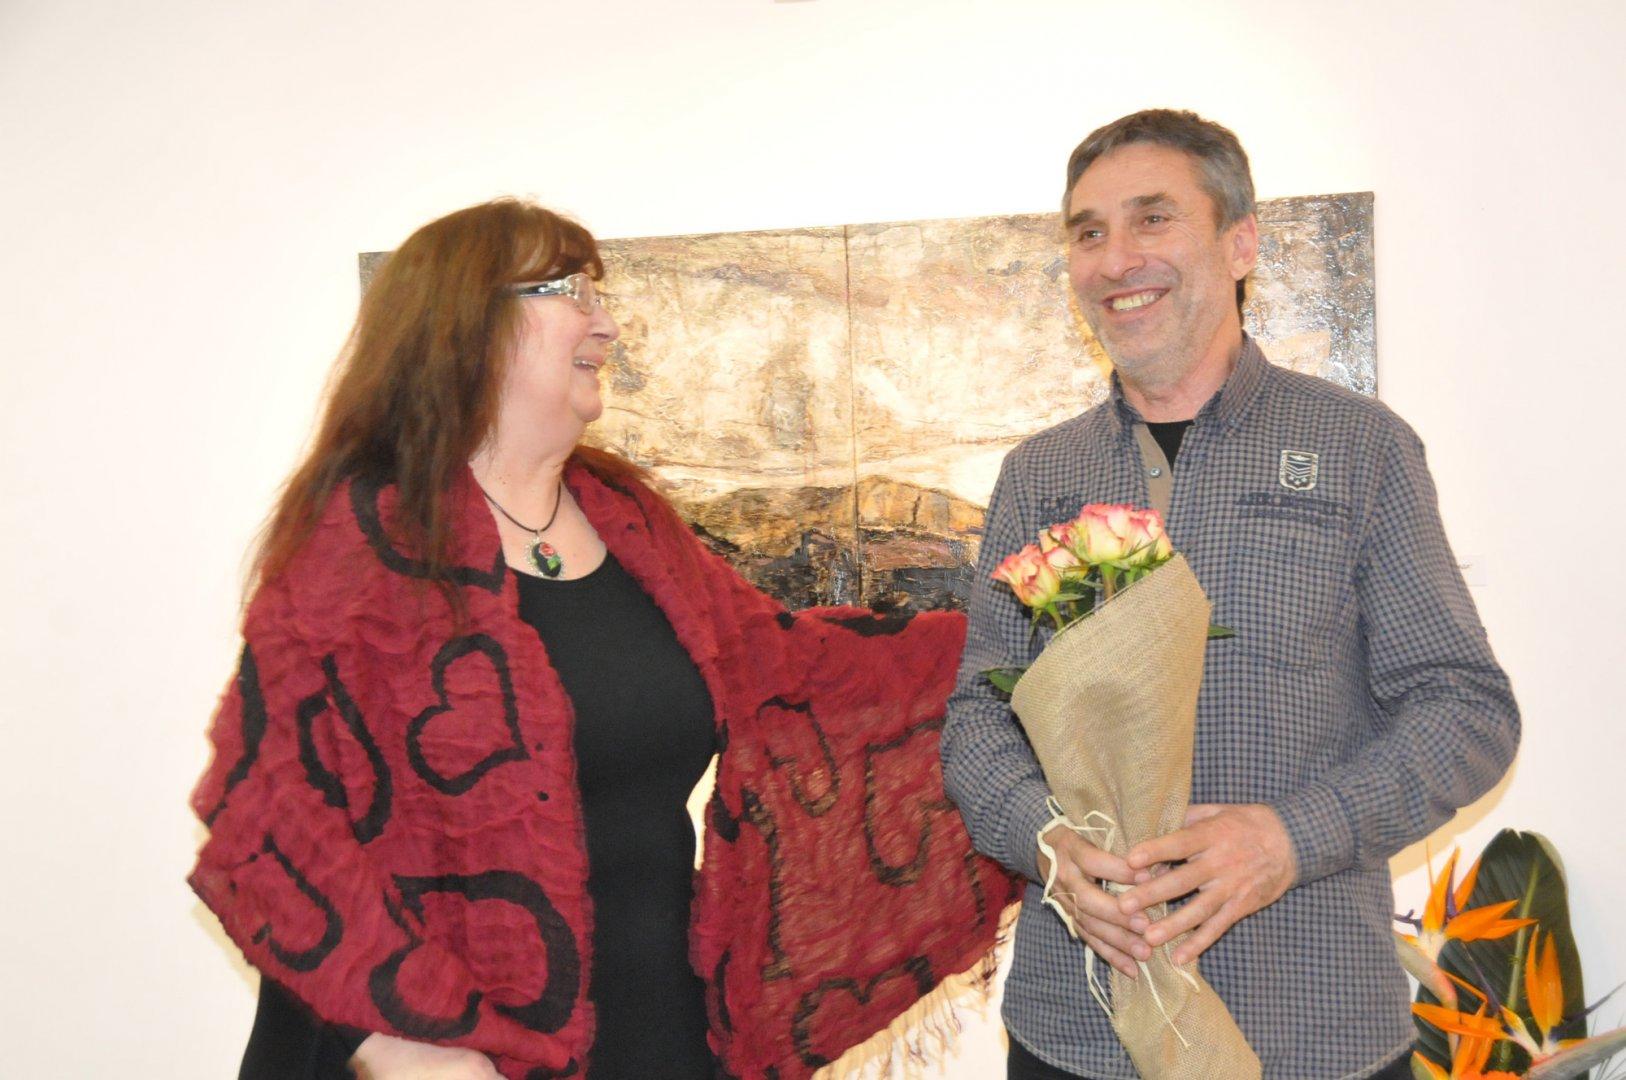 Милчо Талев за първи път откри самостоятелна изложба в галерия Бургас. Снимки Лина Главинова